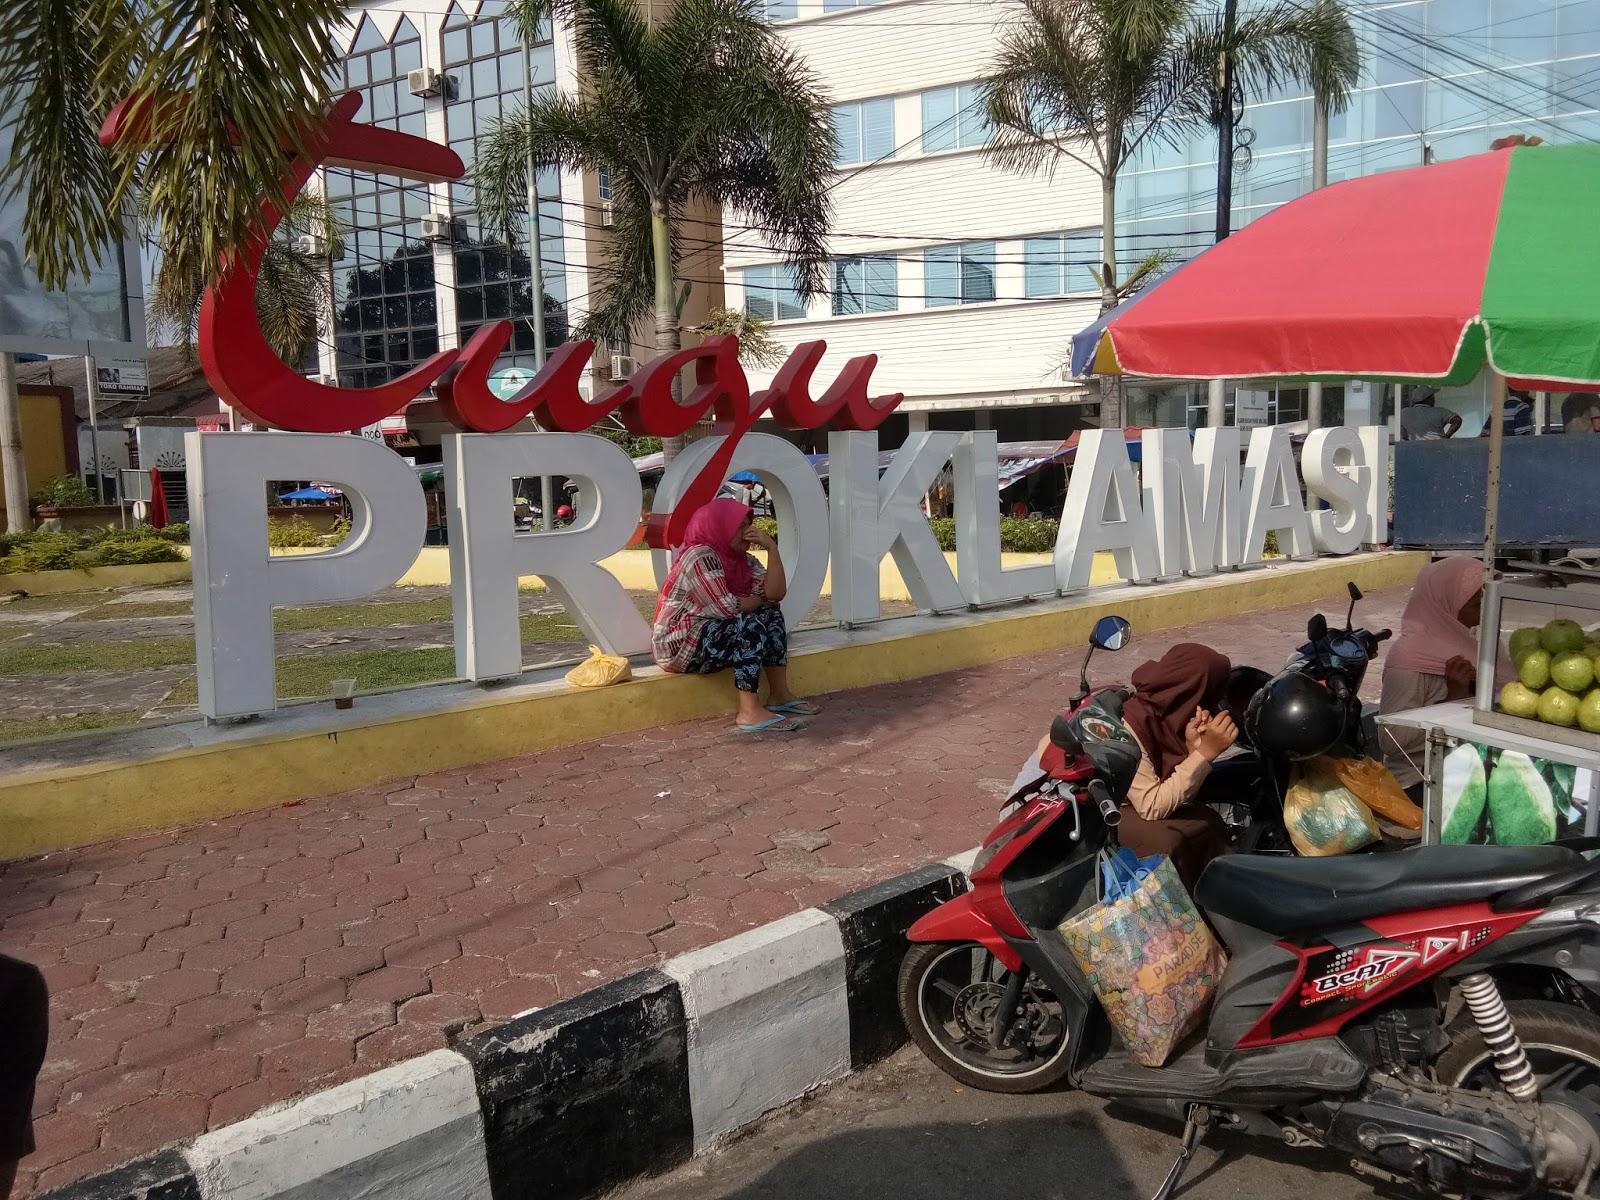 Hidup Inspirasi October 2017 Tulisan Tugu Proklamasinya Kok Sepi Foto